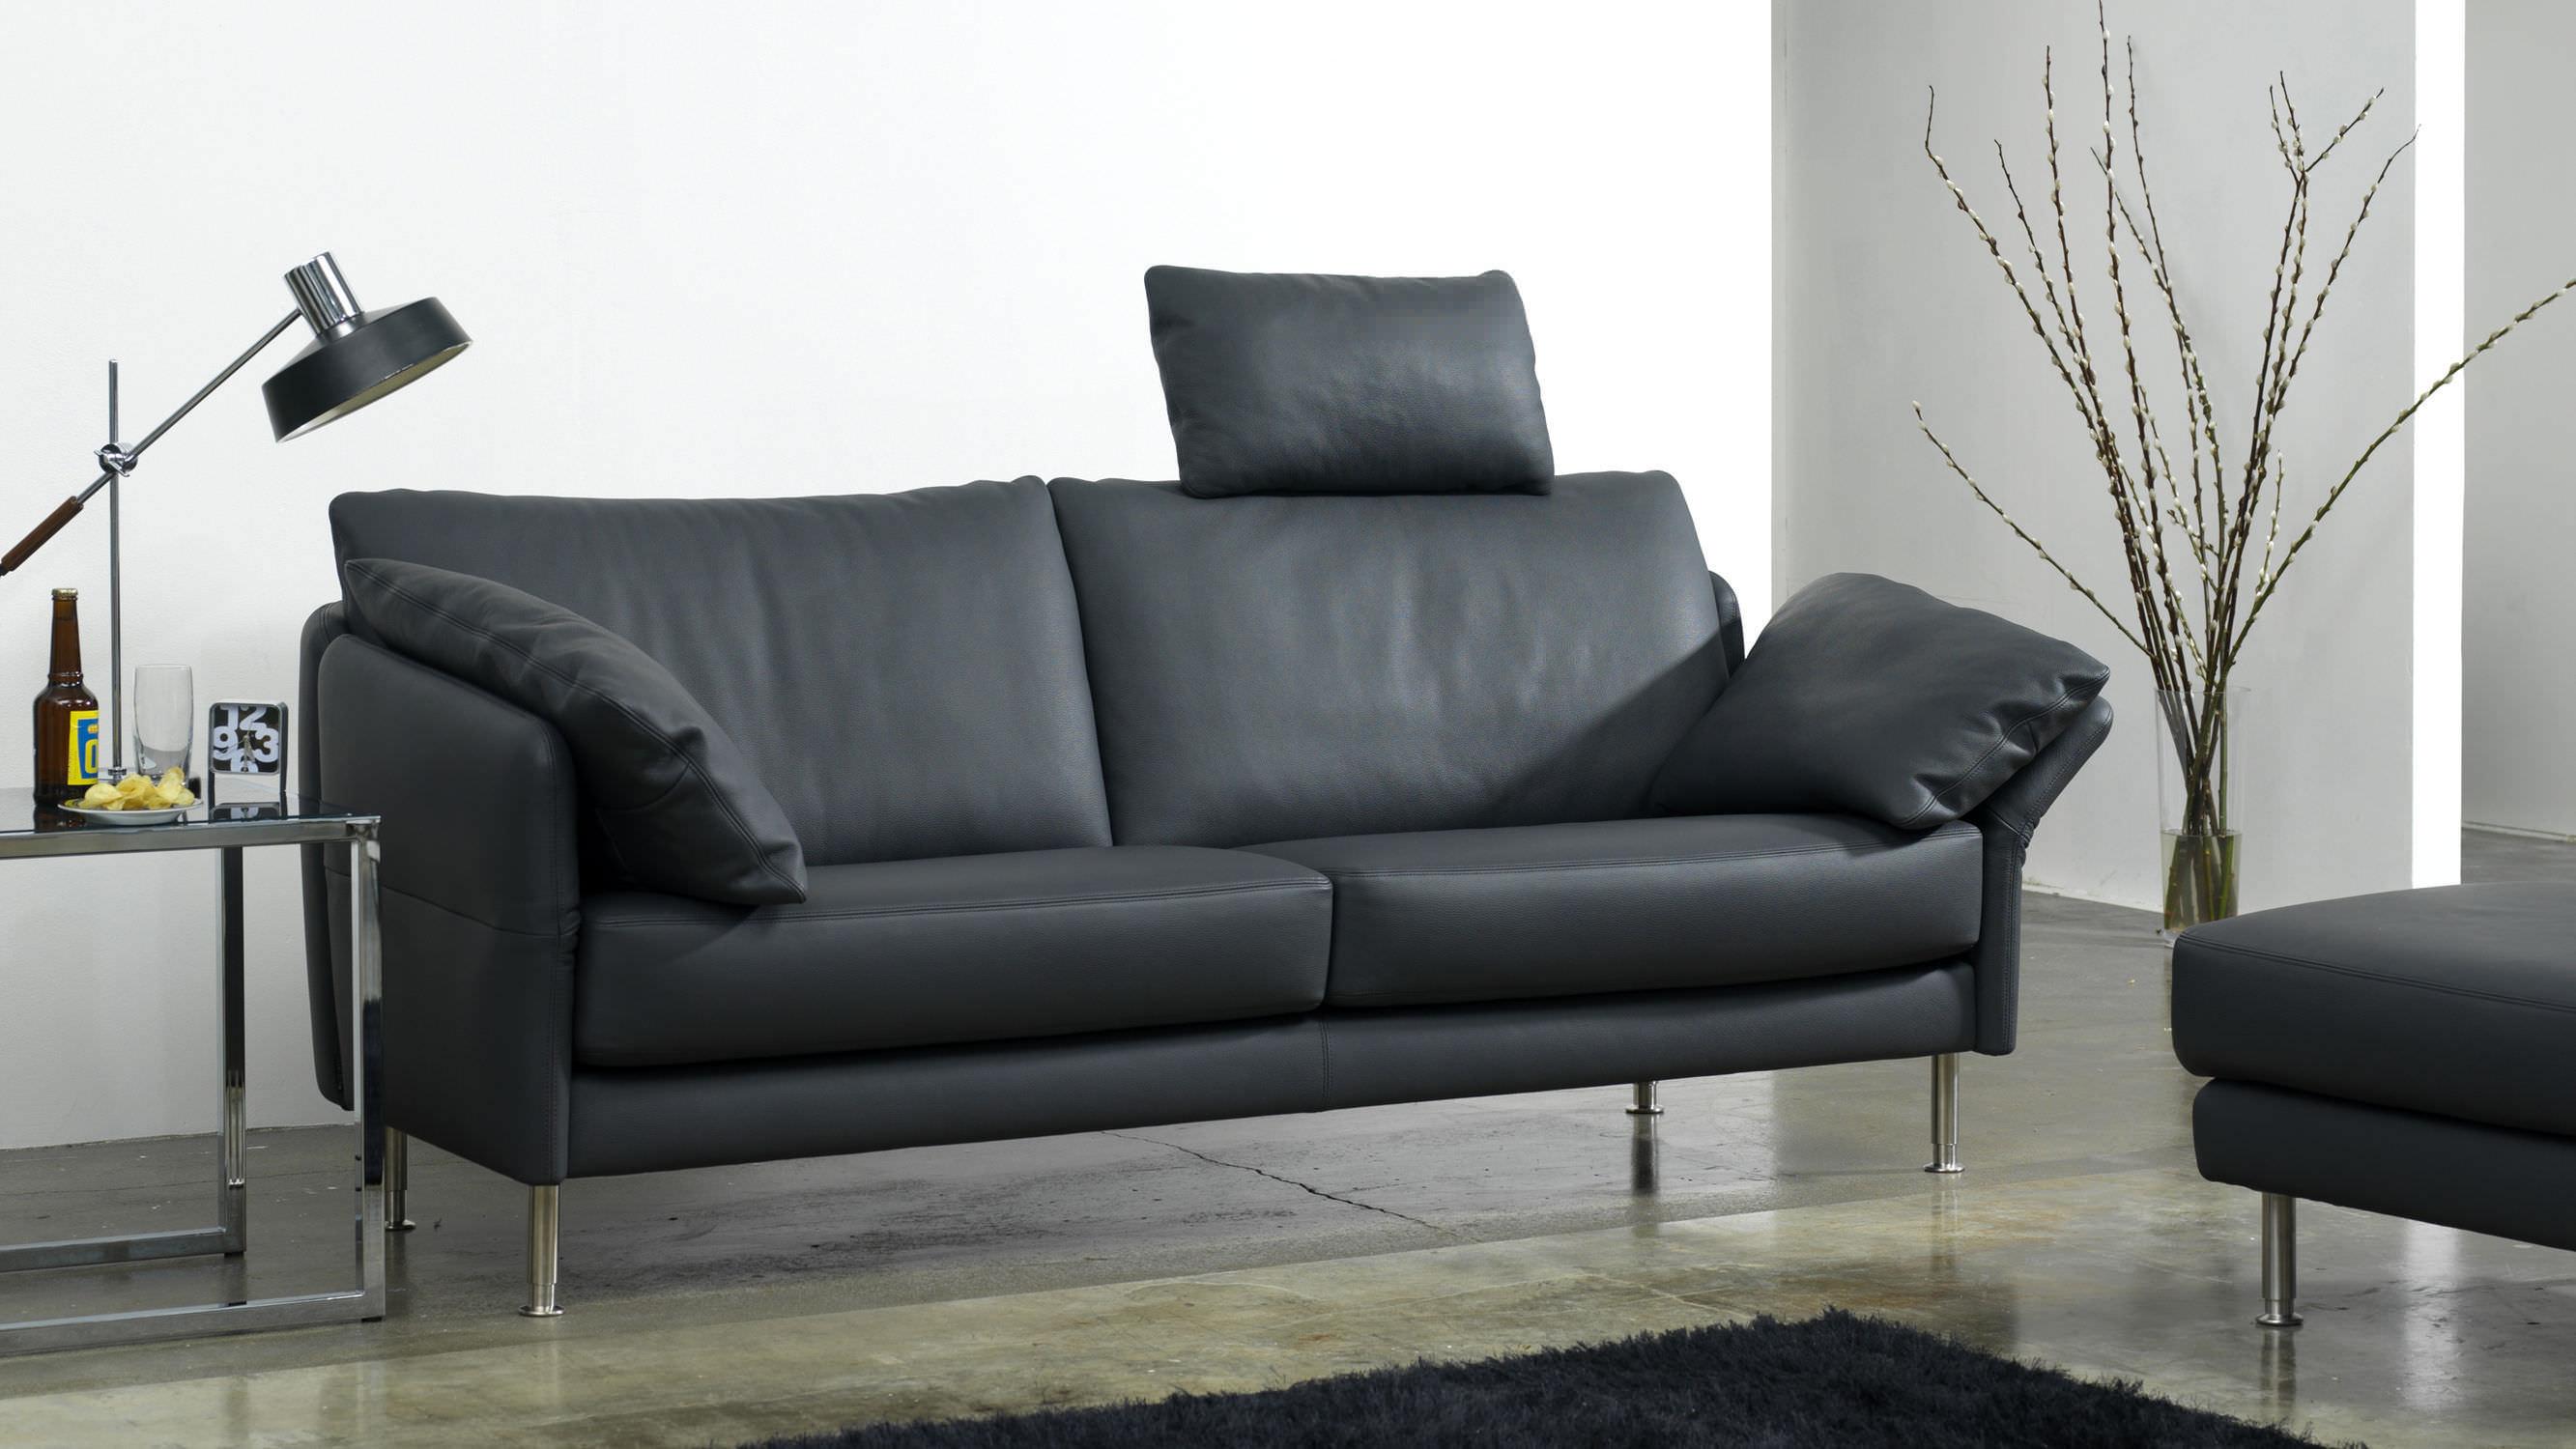 Ledersofa schwarz modern  leder sofa schwarz kunstleder. elegant shopthewall sofa concept201 ...